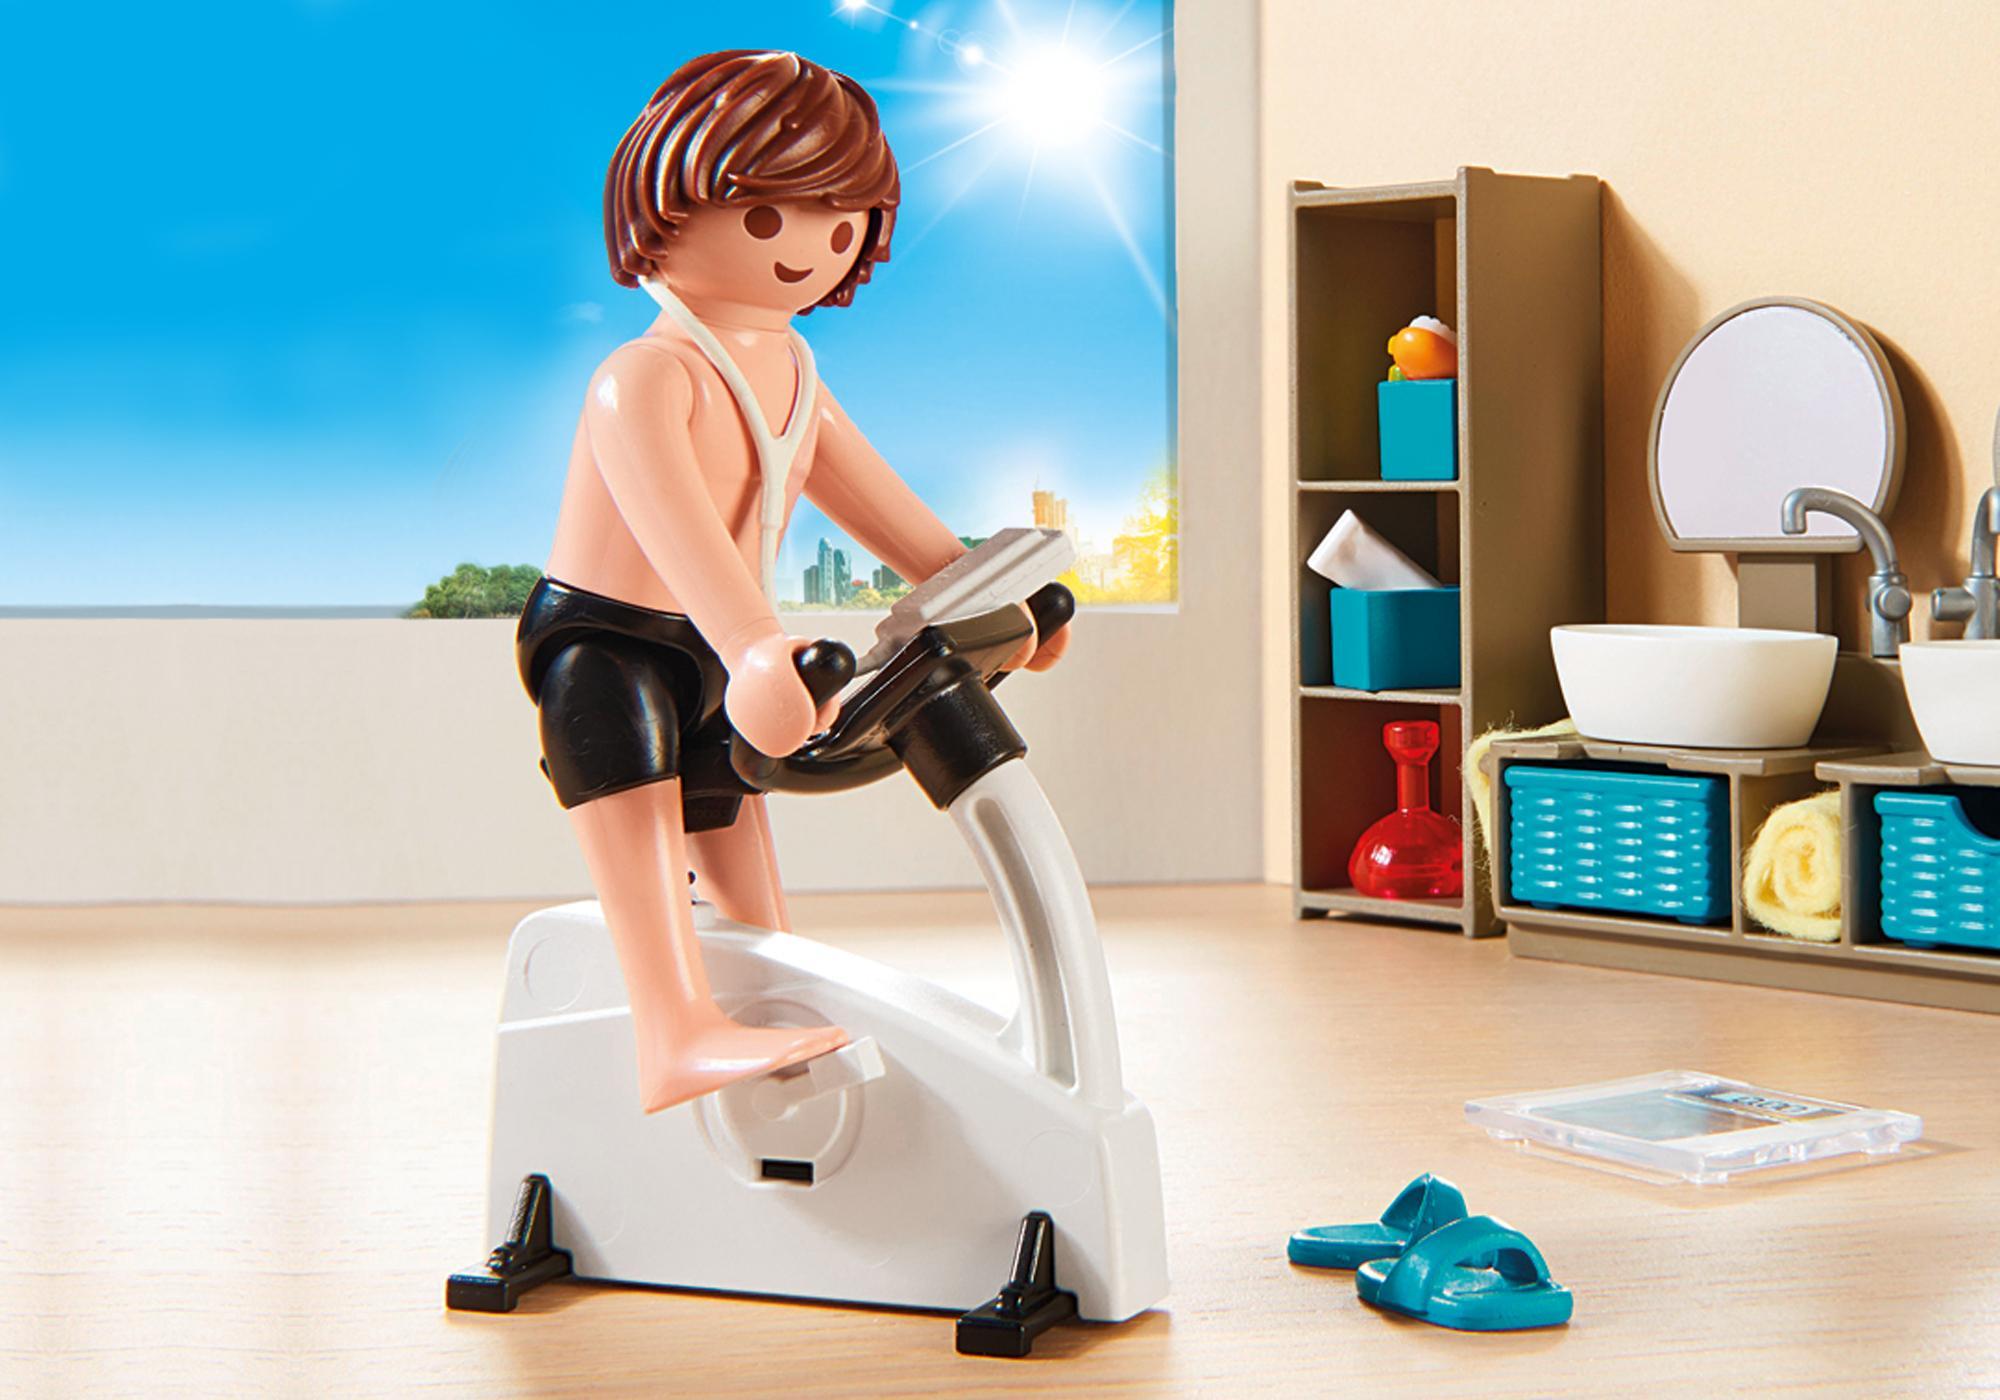 http://media.playmobil.com/i/playmobil/9268_product_extra2/Bathroom